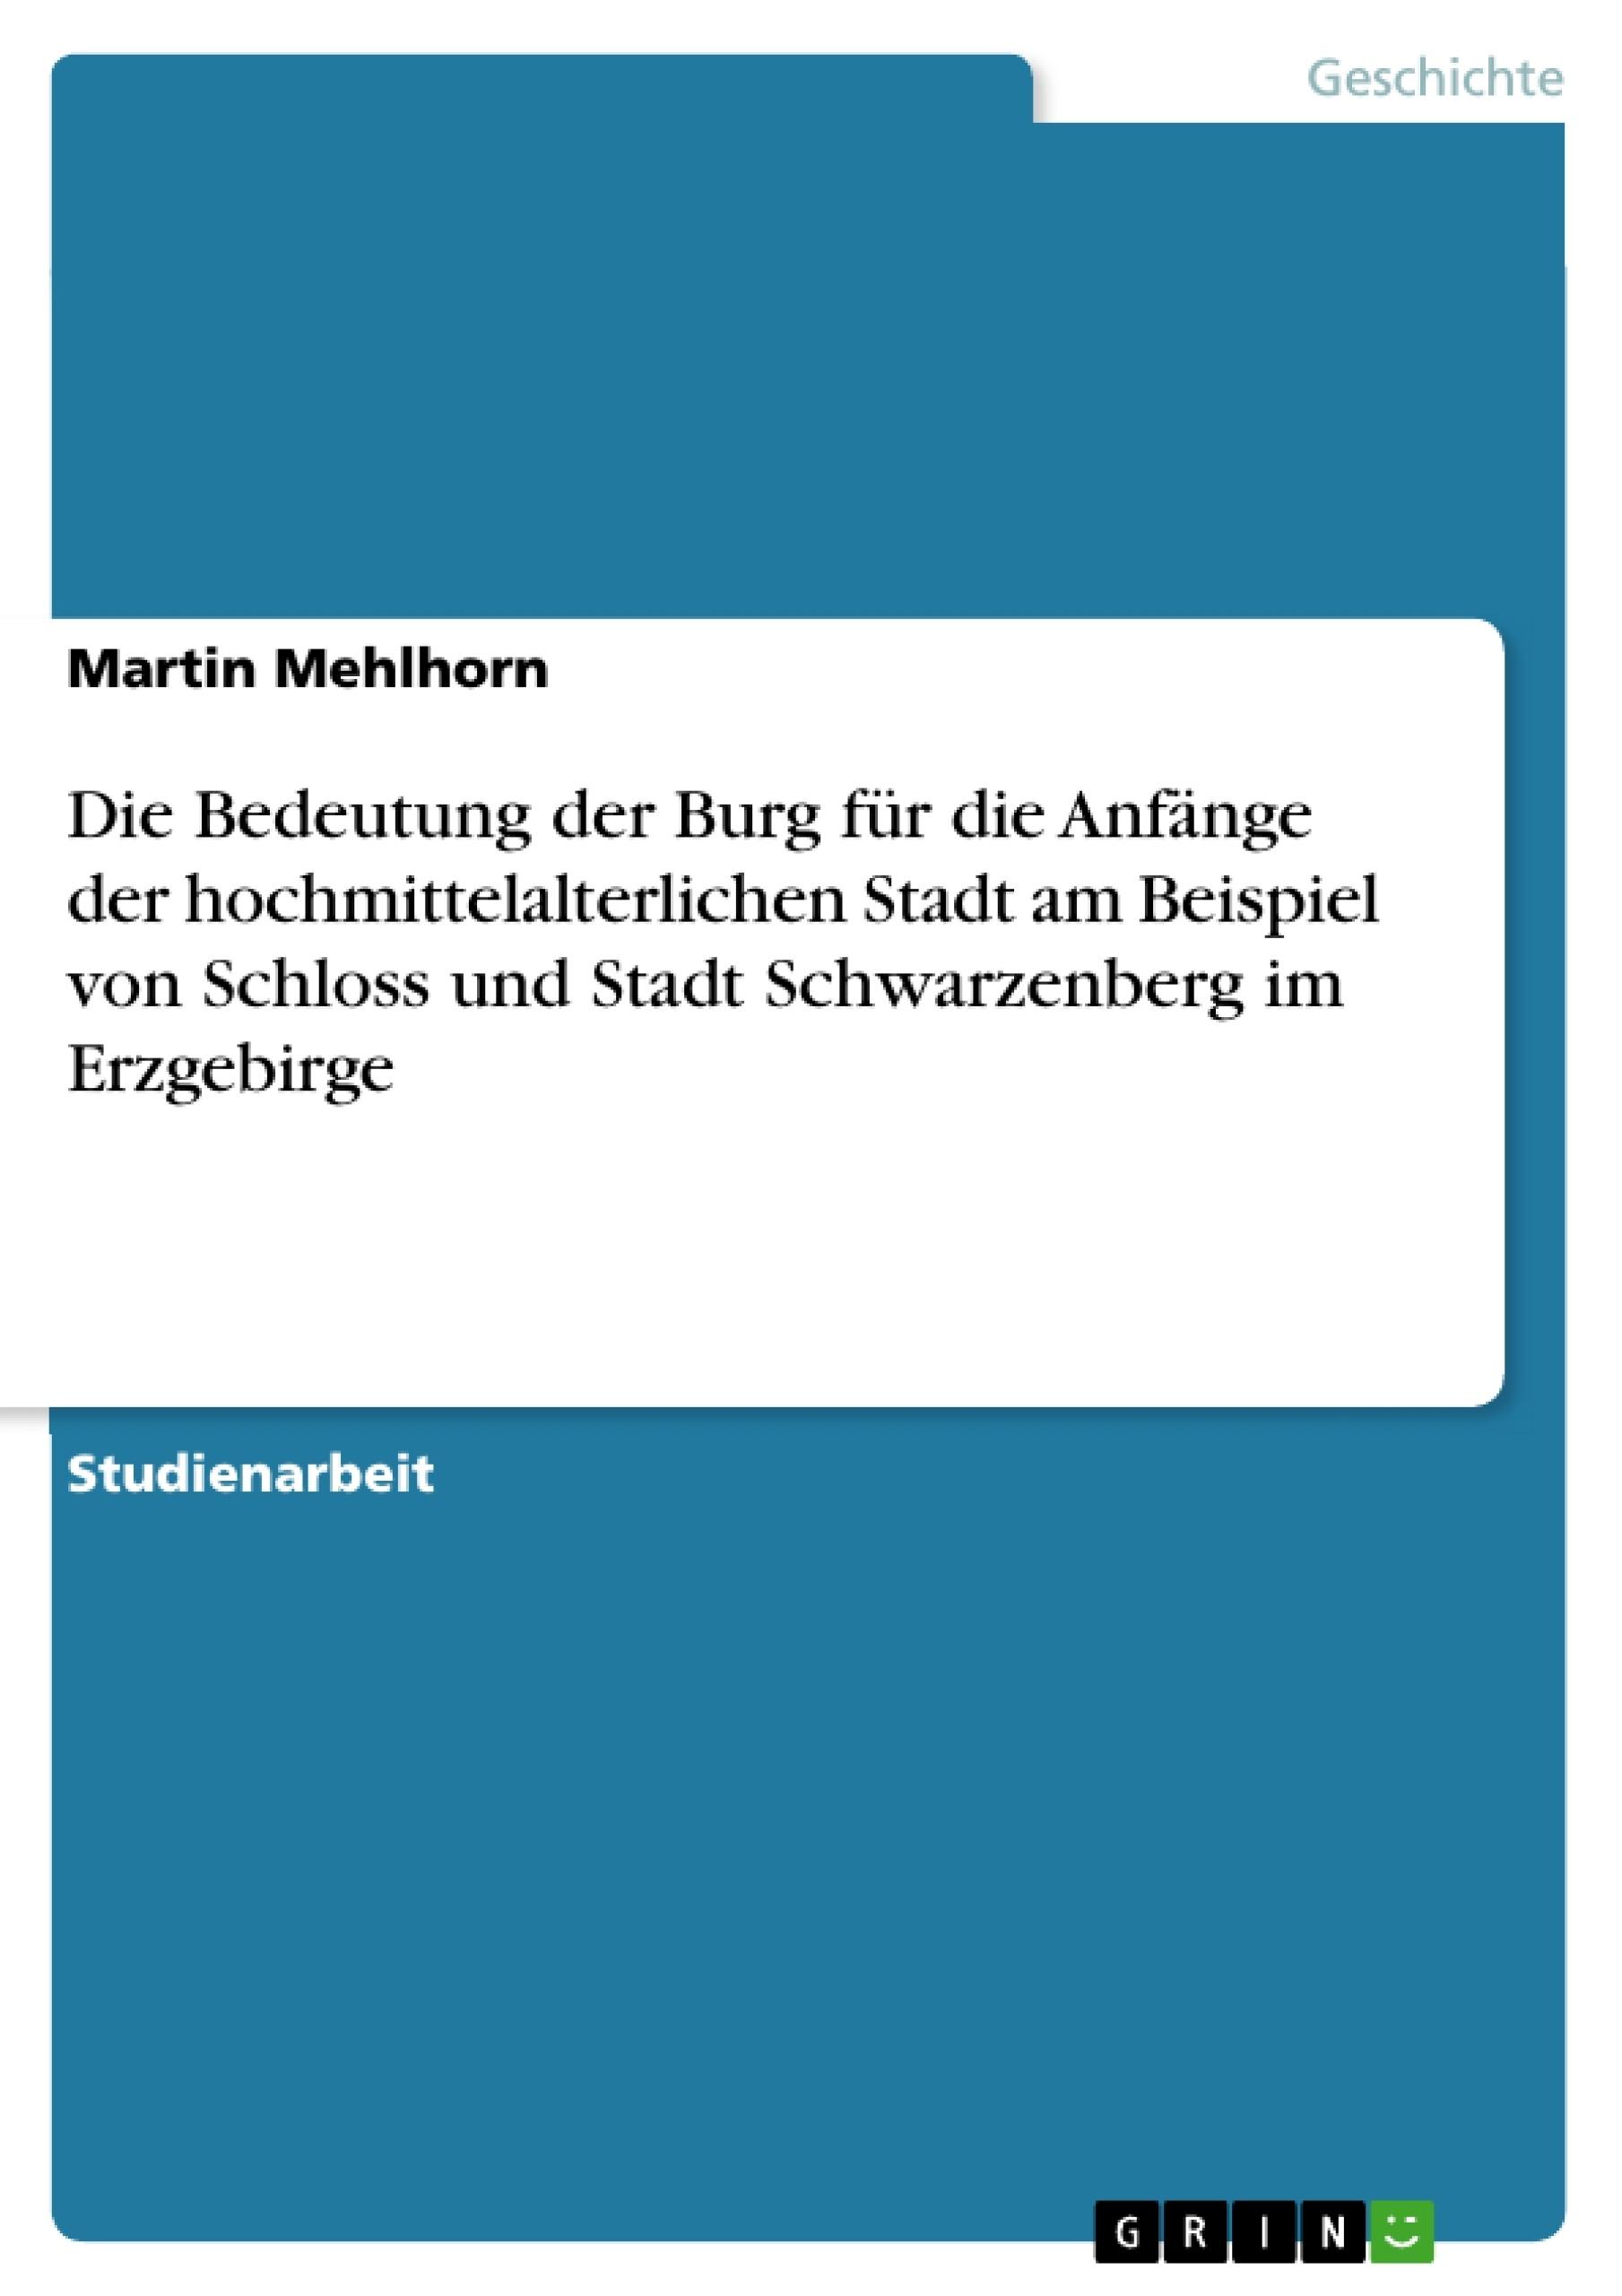 Titel: Die Bedeutung der Burg für die Anfänge der hochmittelalterlichen Stadt am Beispiel von Schloss und Stadt Schwarzenberg im Erzgebirge